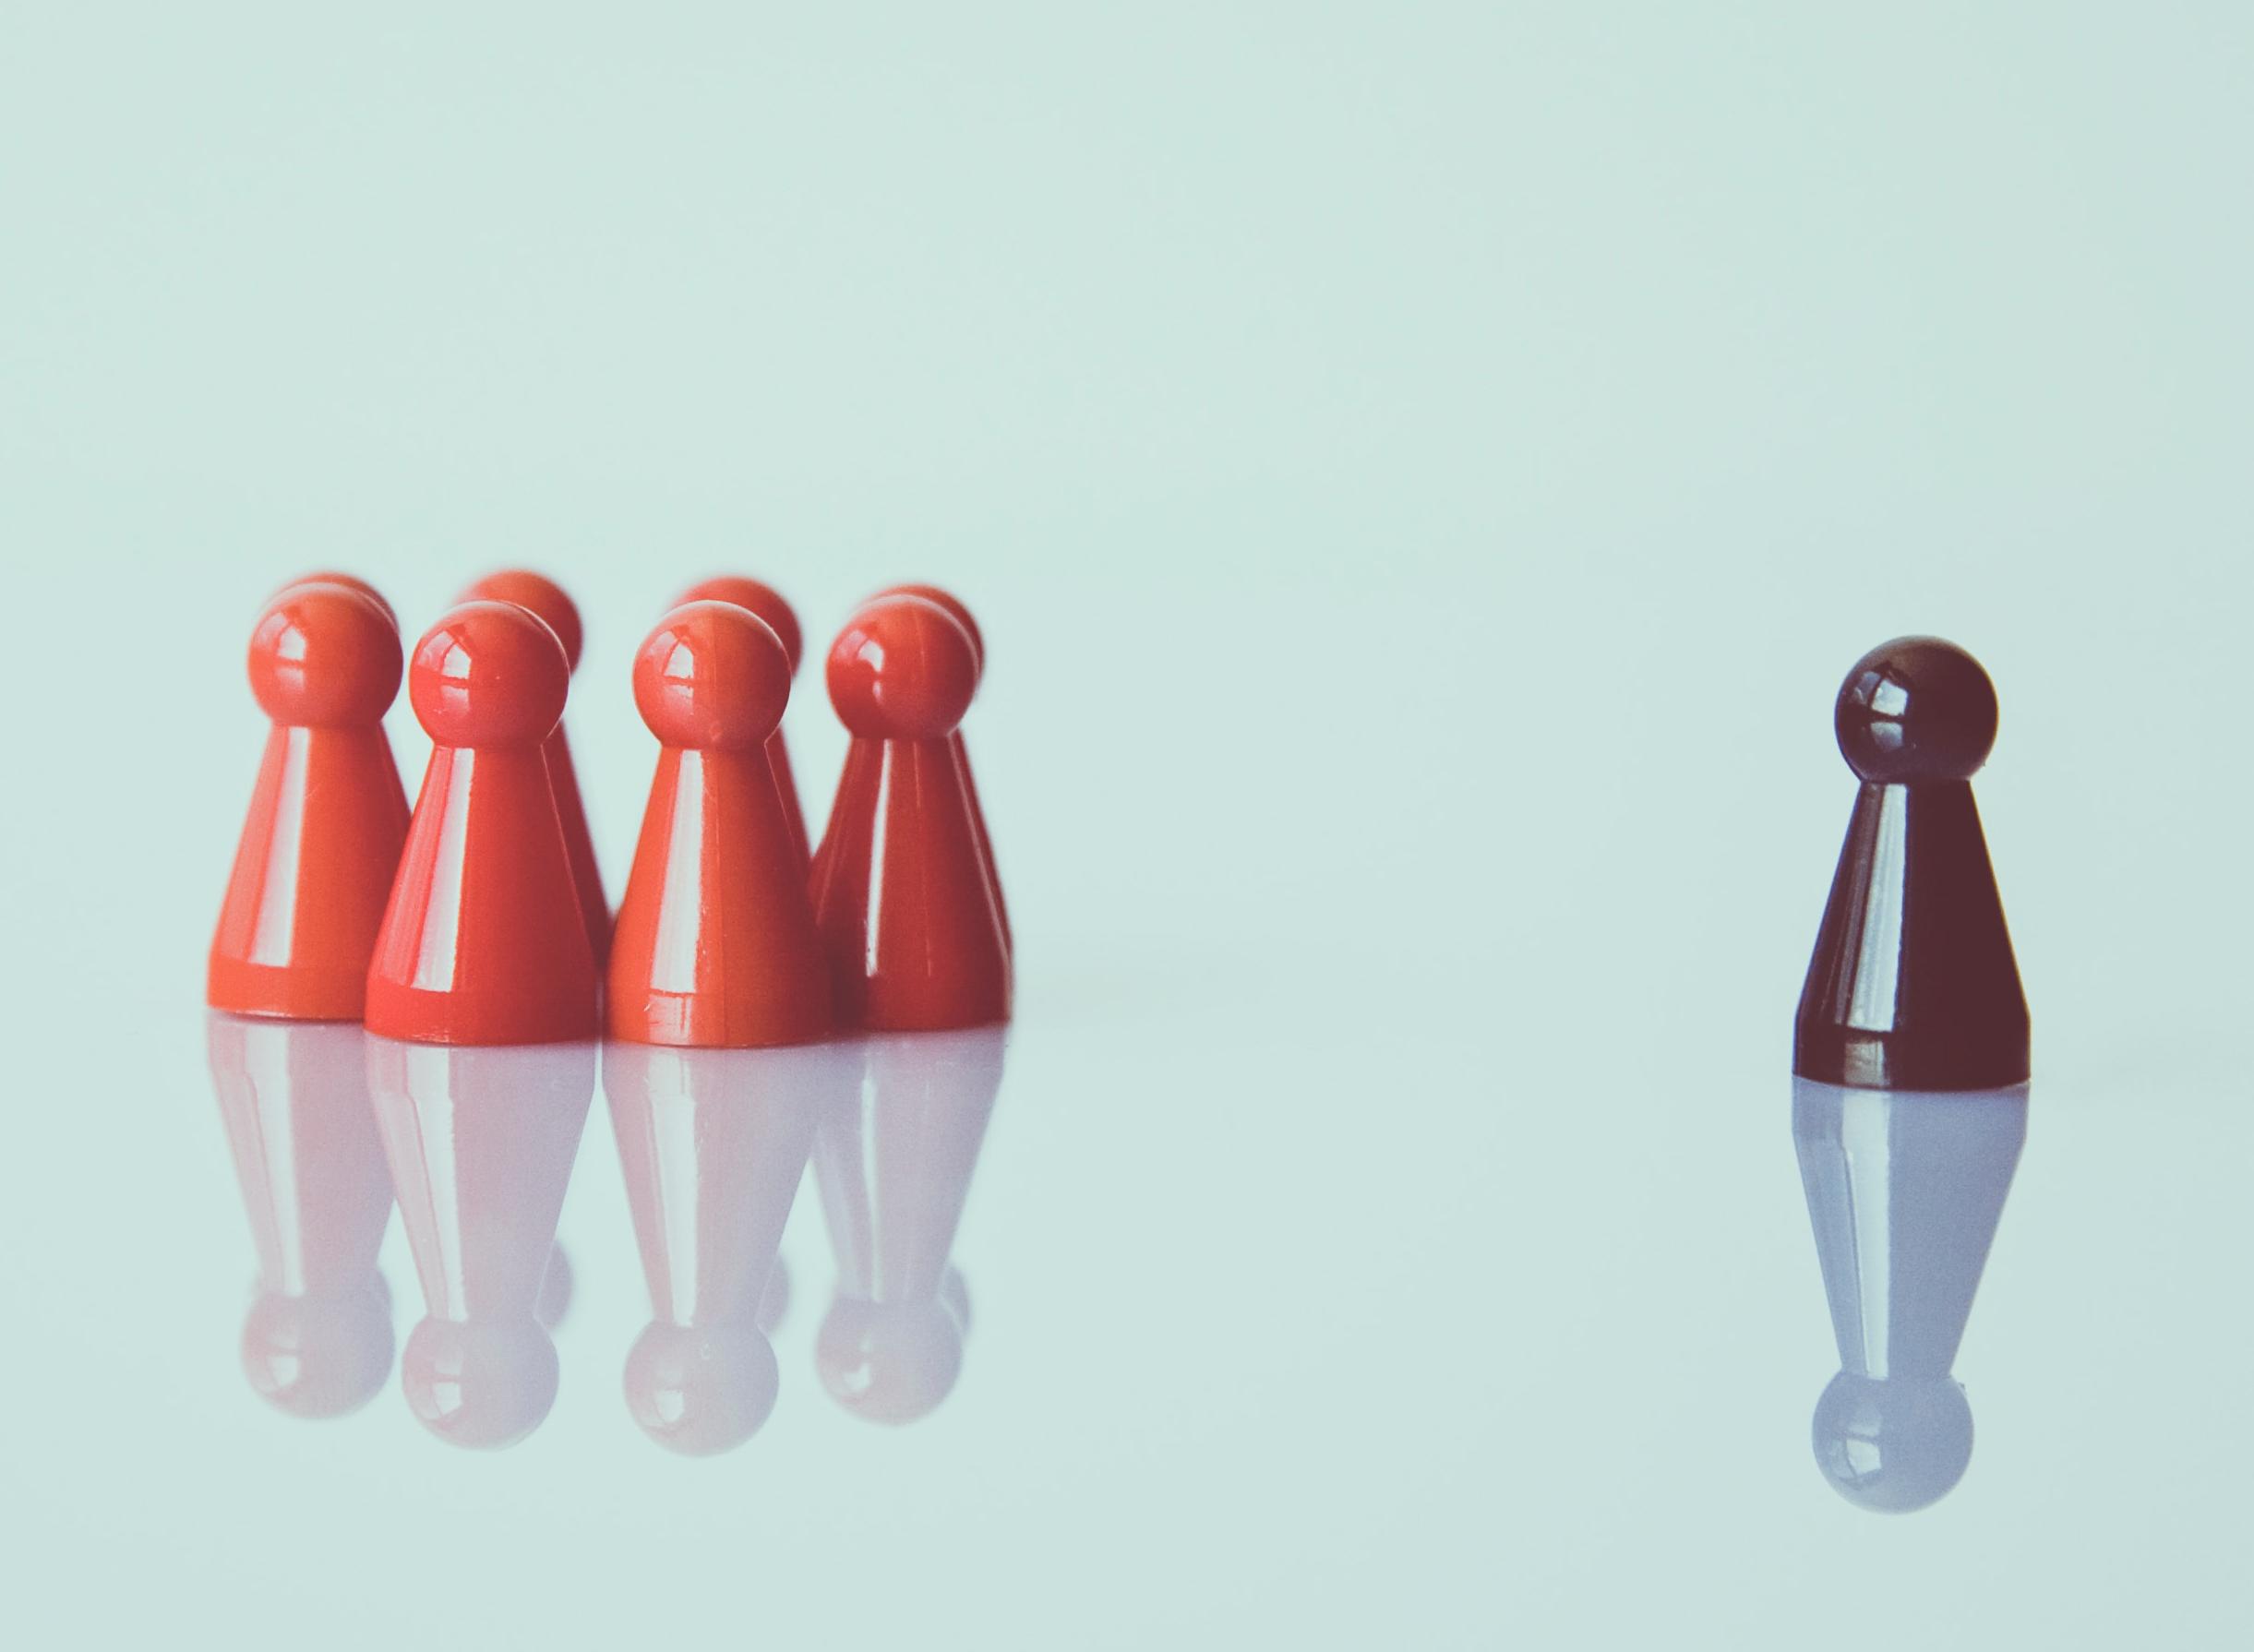 Il distanziamento sociale: come funziona?